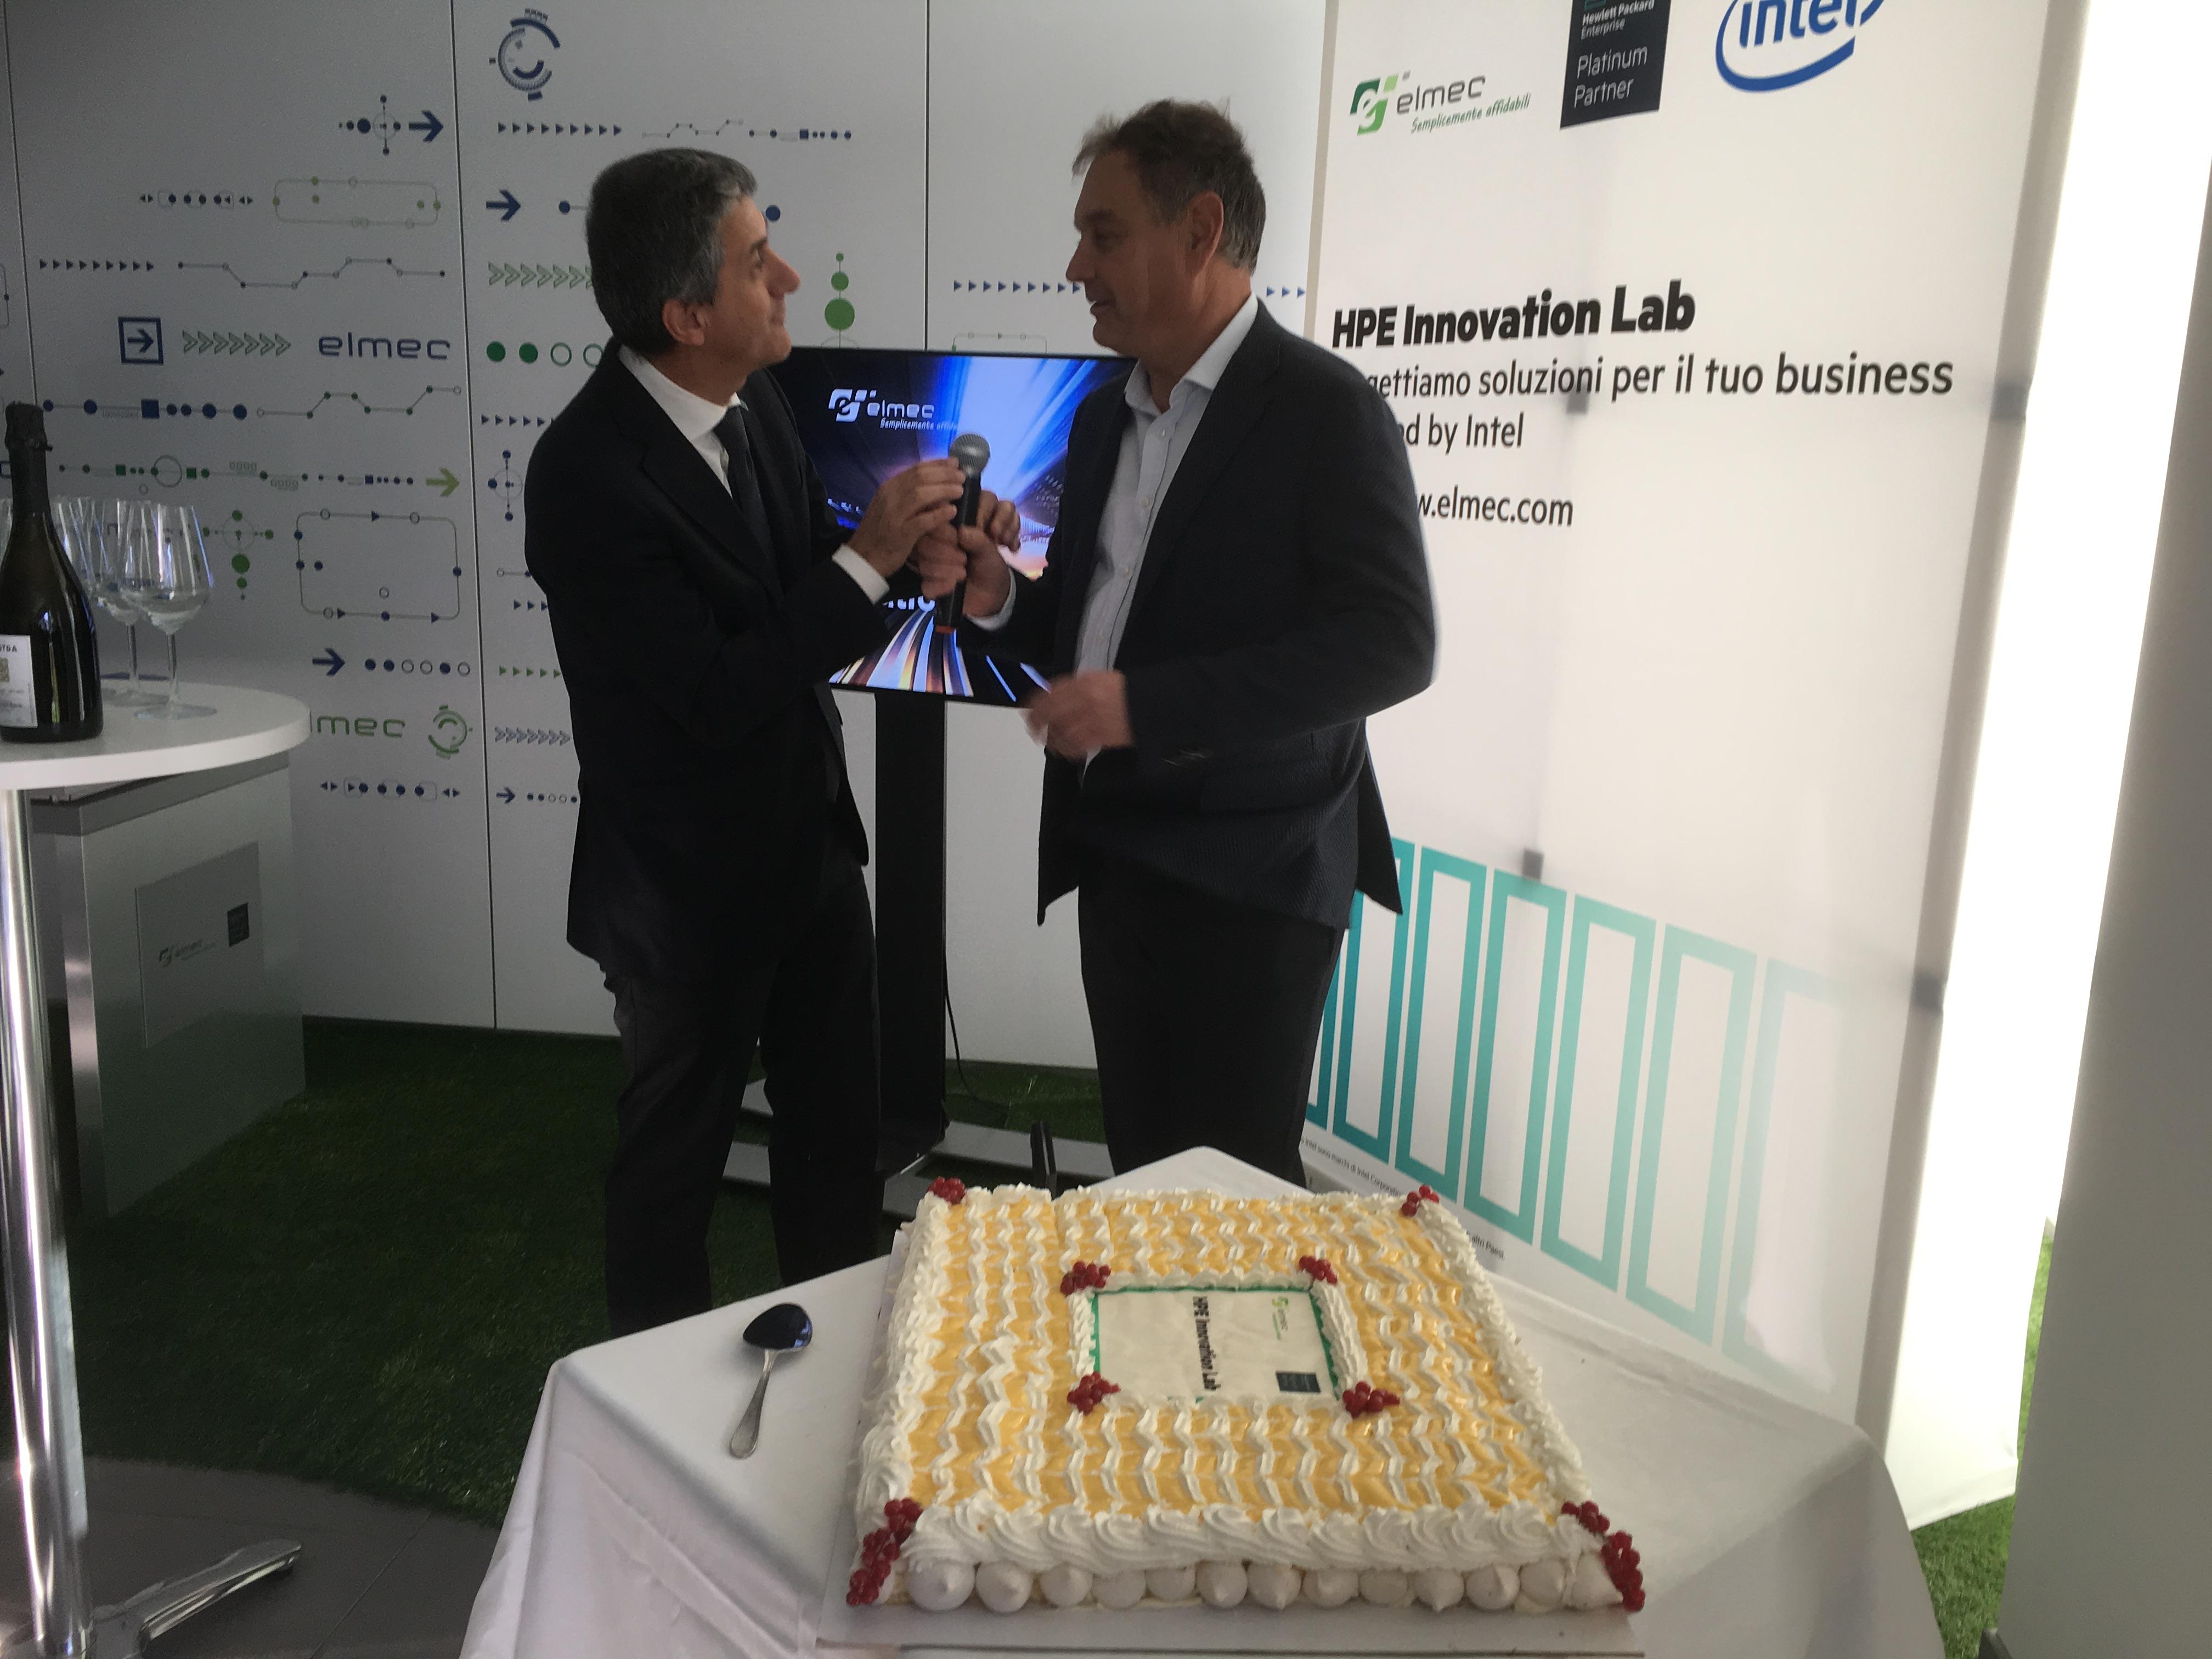 HPE Elmec - Stefano Venturi, Vice Presidente e Amministratore Delegato Gruppo Hewlett Packard Enterprise in Italia, all'inaugurazione di HPE Innovation Lab